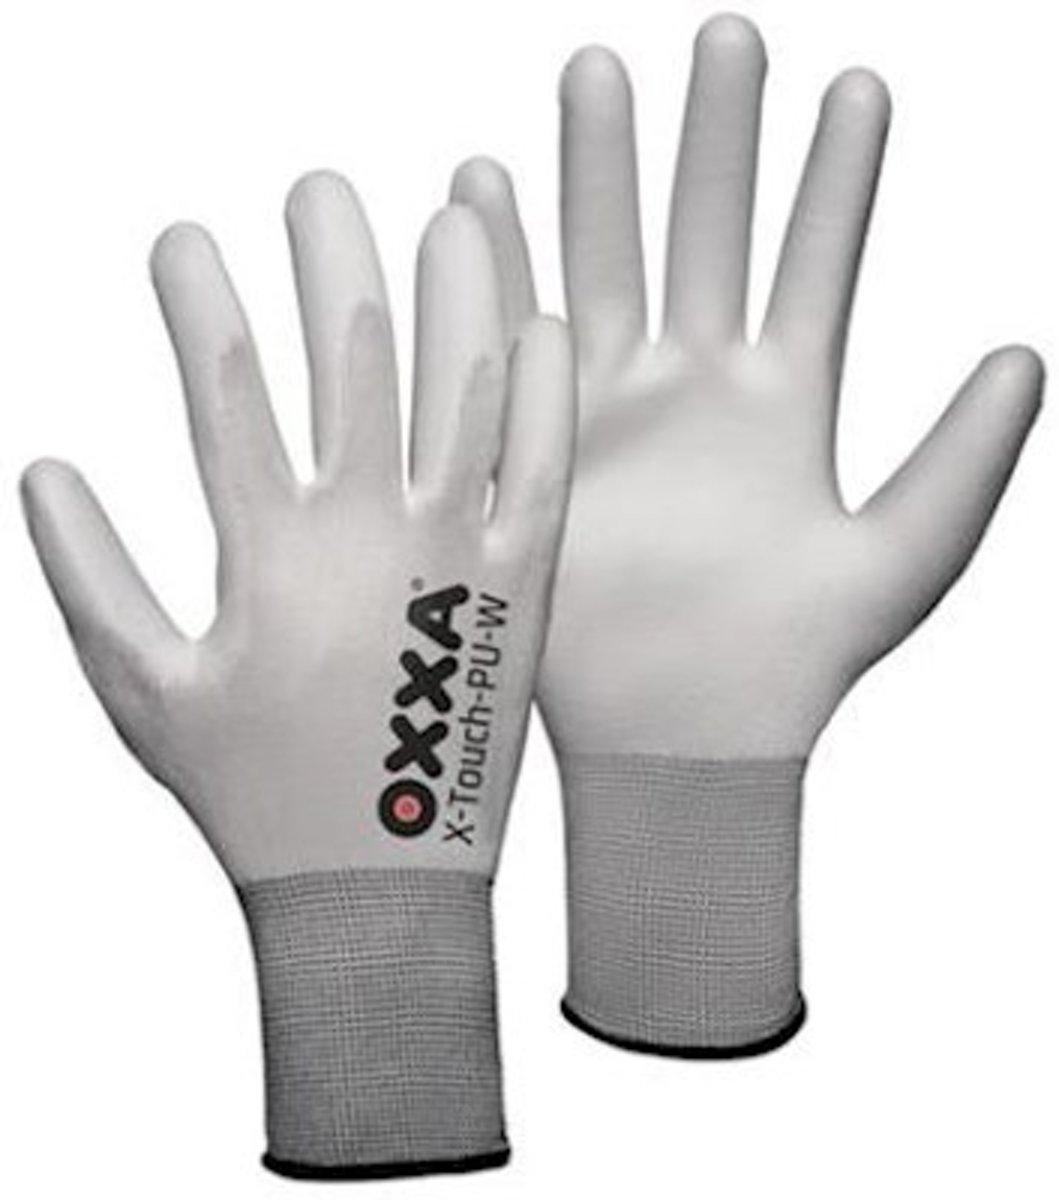 OXXA X-Touch-PU-W handschoen wit maat 11 kopen